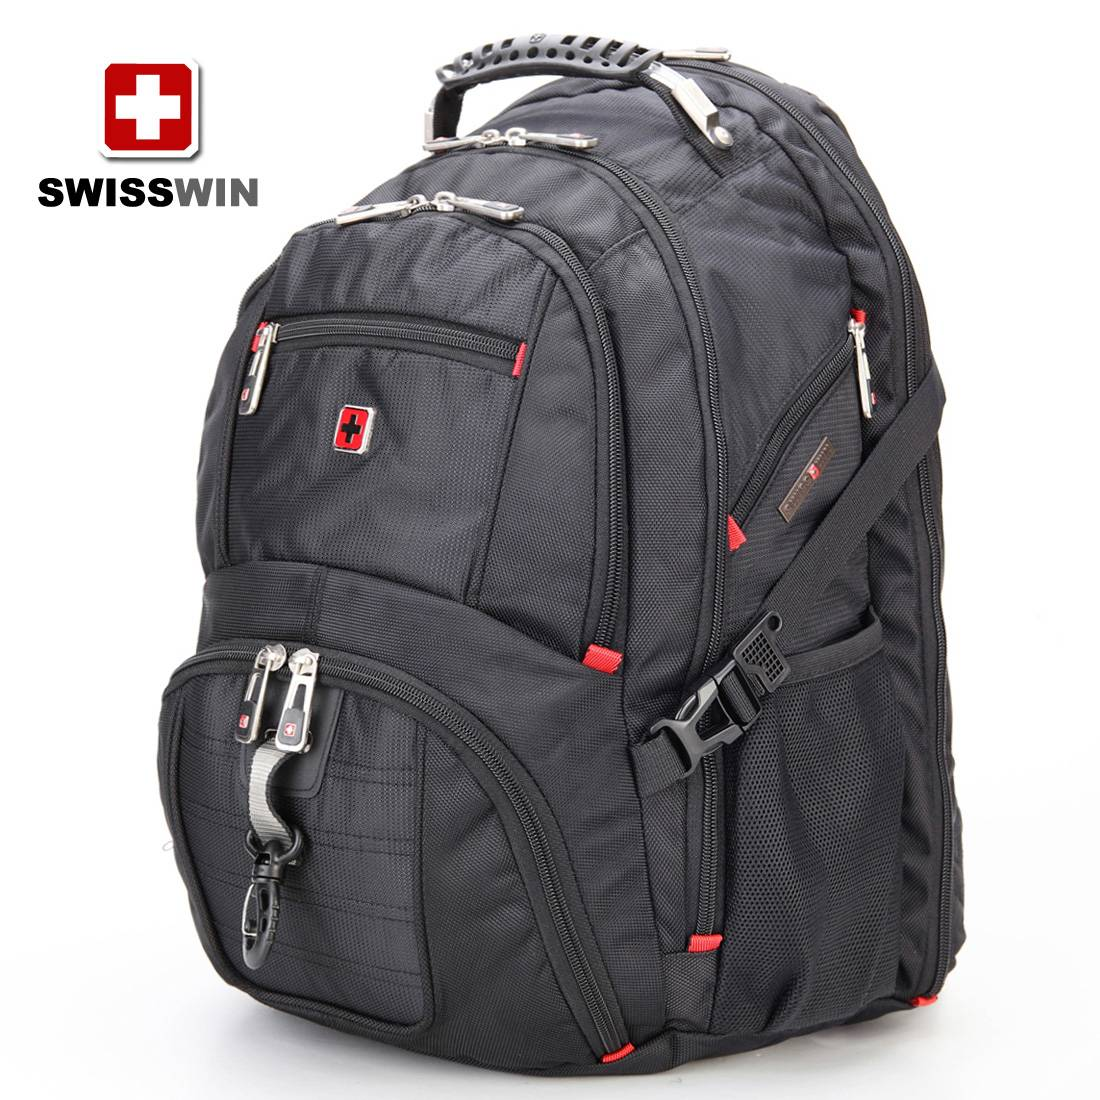 Shoulders Travel & Business backpack Men's Travel Backpack 15.6-inch computer bag schoolbag